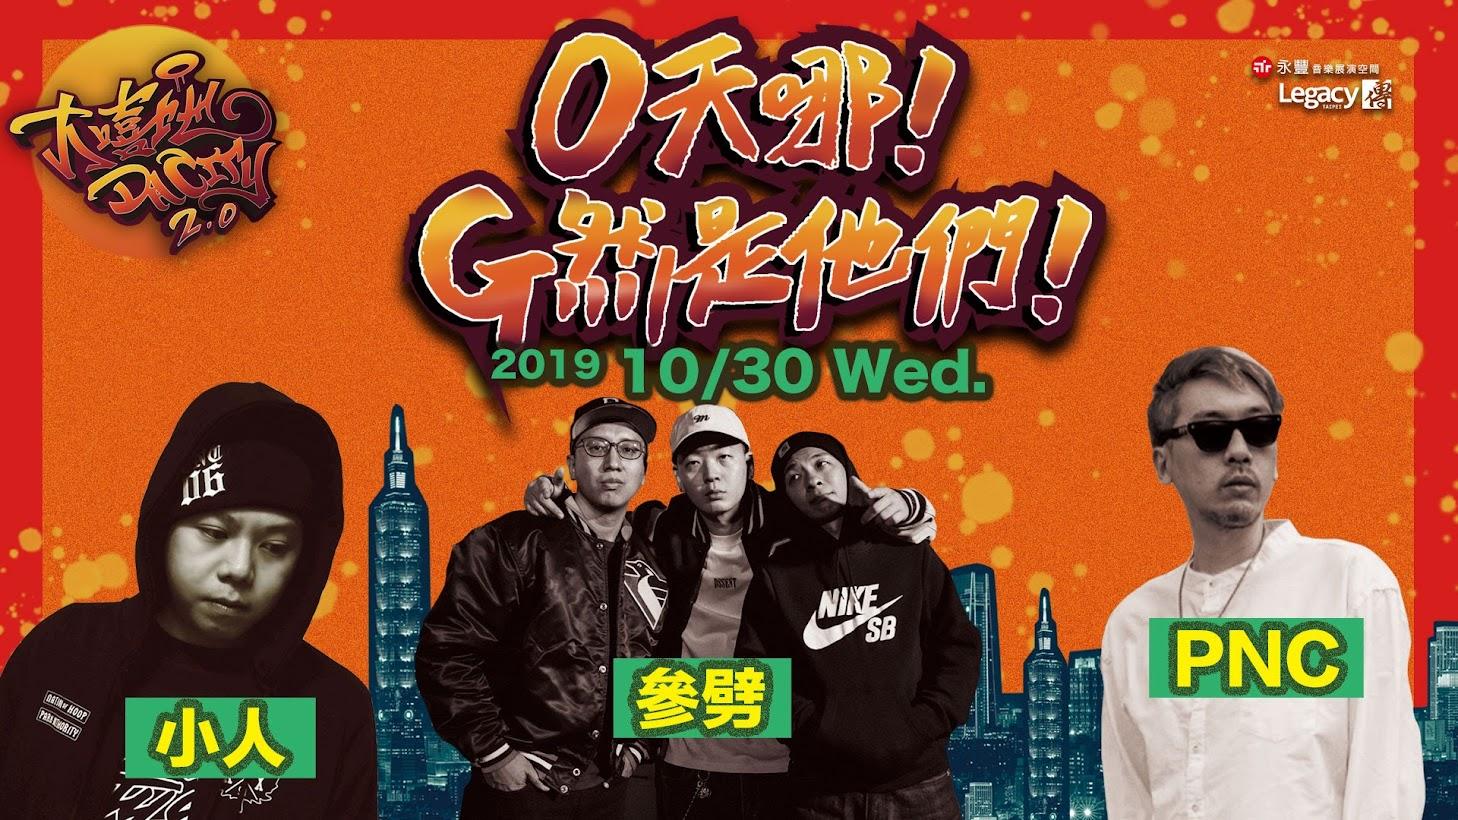 十月三十日大嘻地2.0首發場, 祭參劈、小人、PNC 陳老師超罕見演出